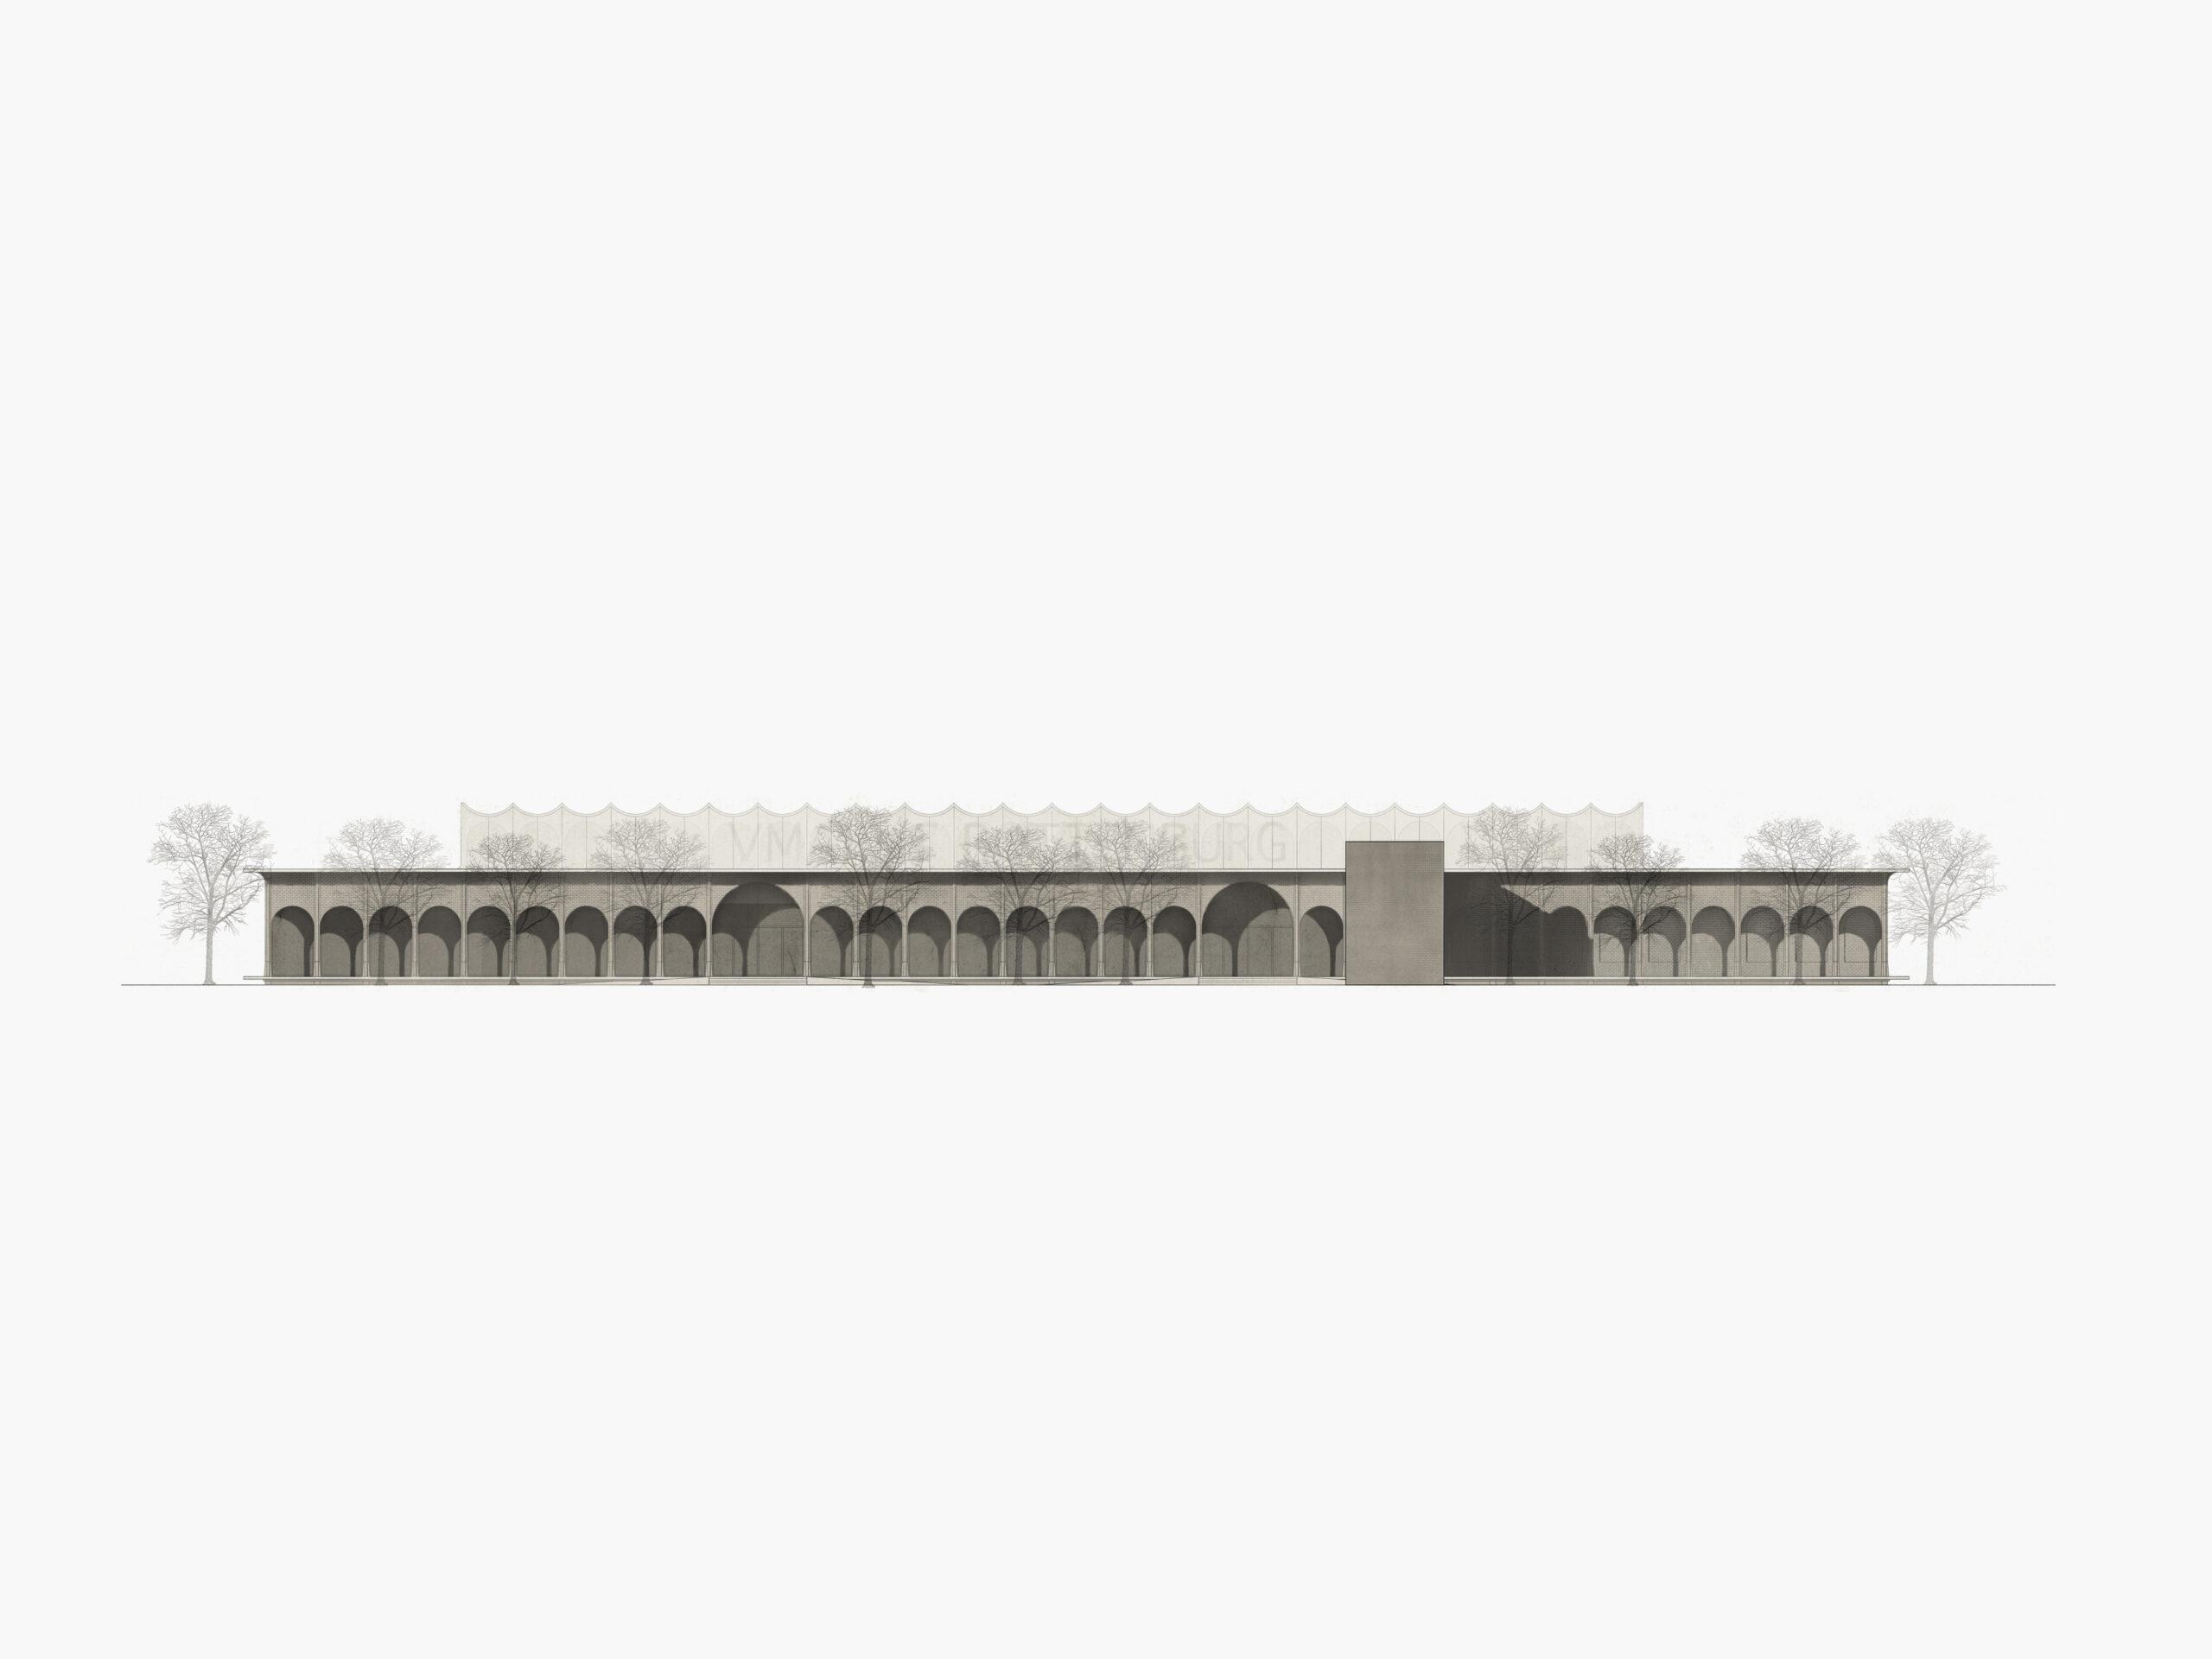 Michael-Becker-Architects-Architekten-Verbrauchermarkt-Rottenburg-Ansicht-Ost